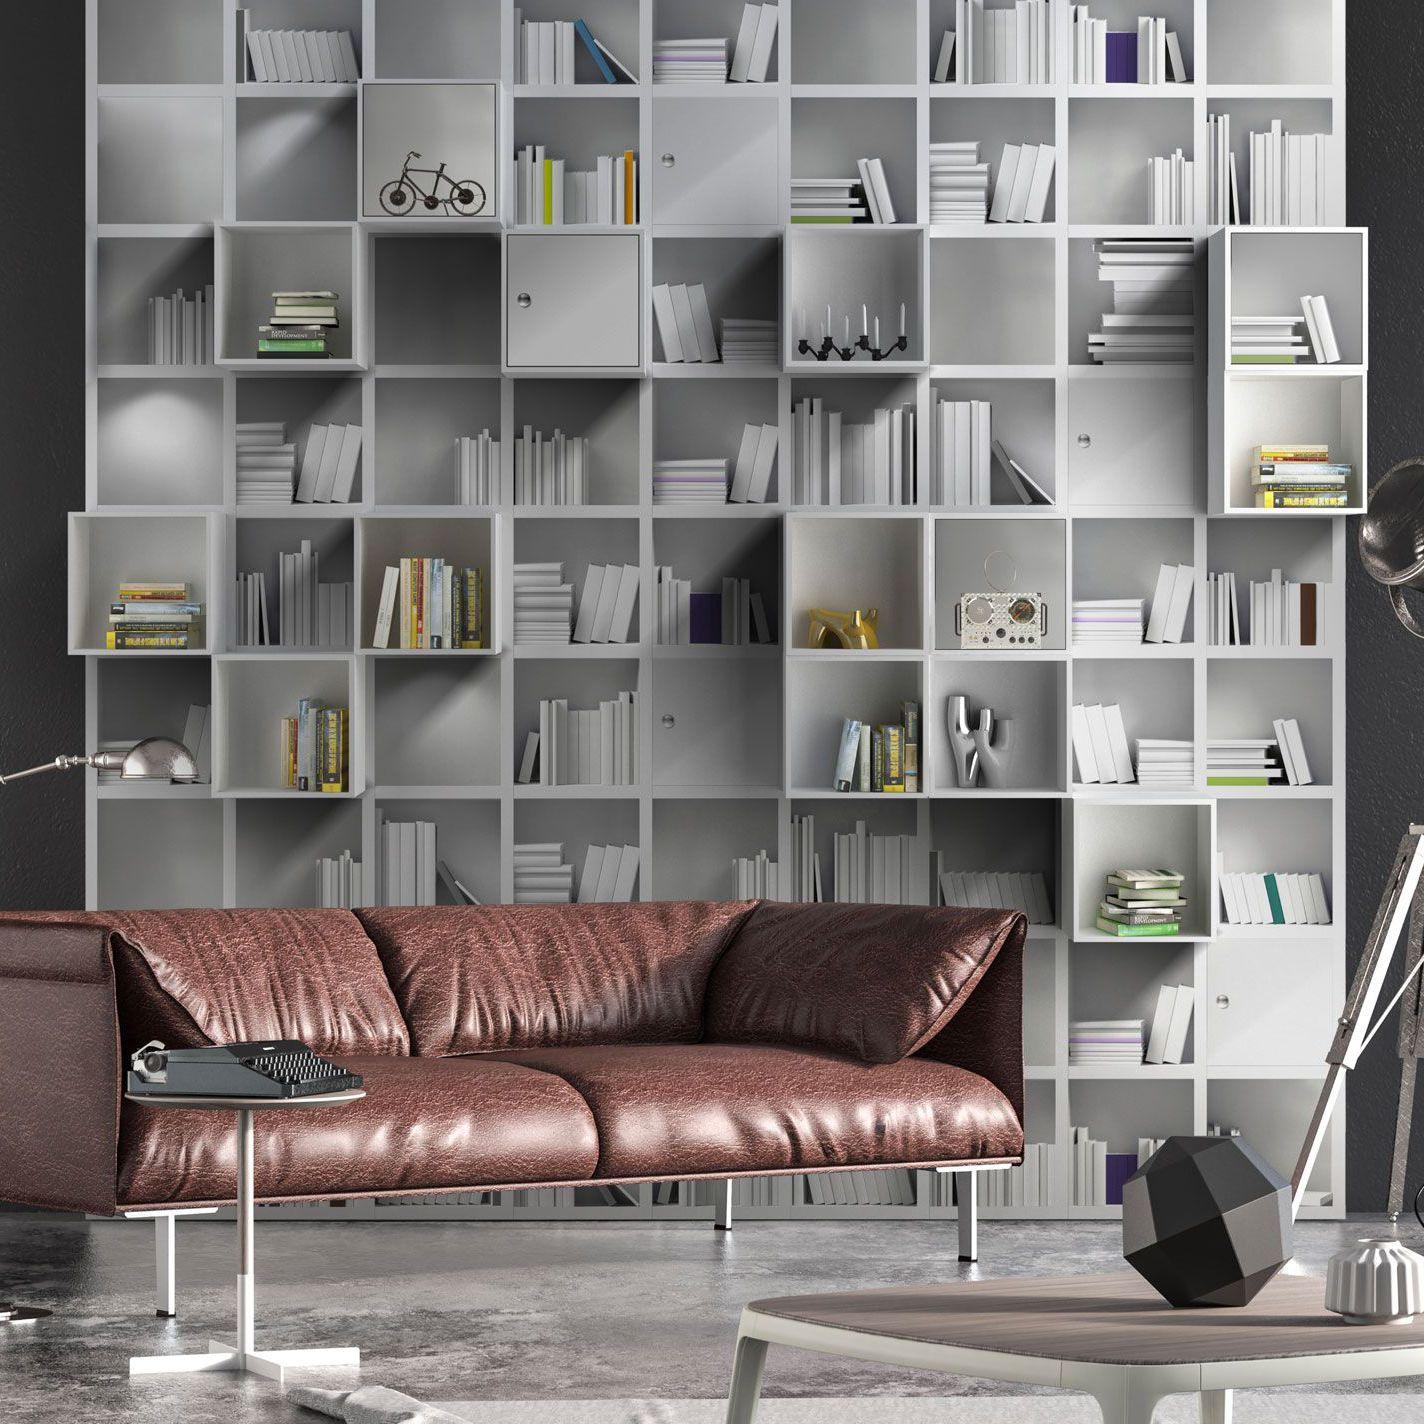 Unique Wallpaper Bookshelf 3d Effect Printed Book